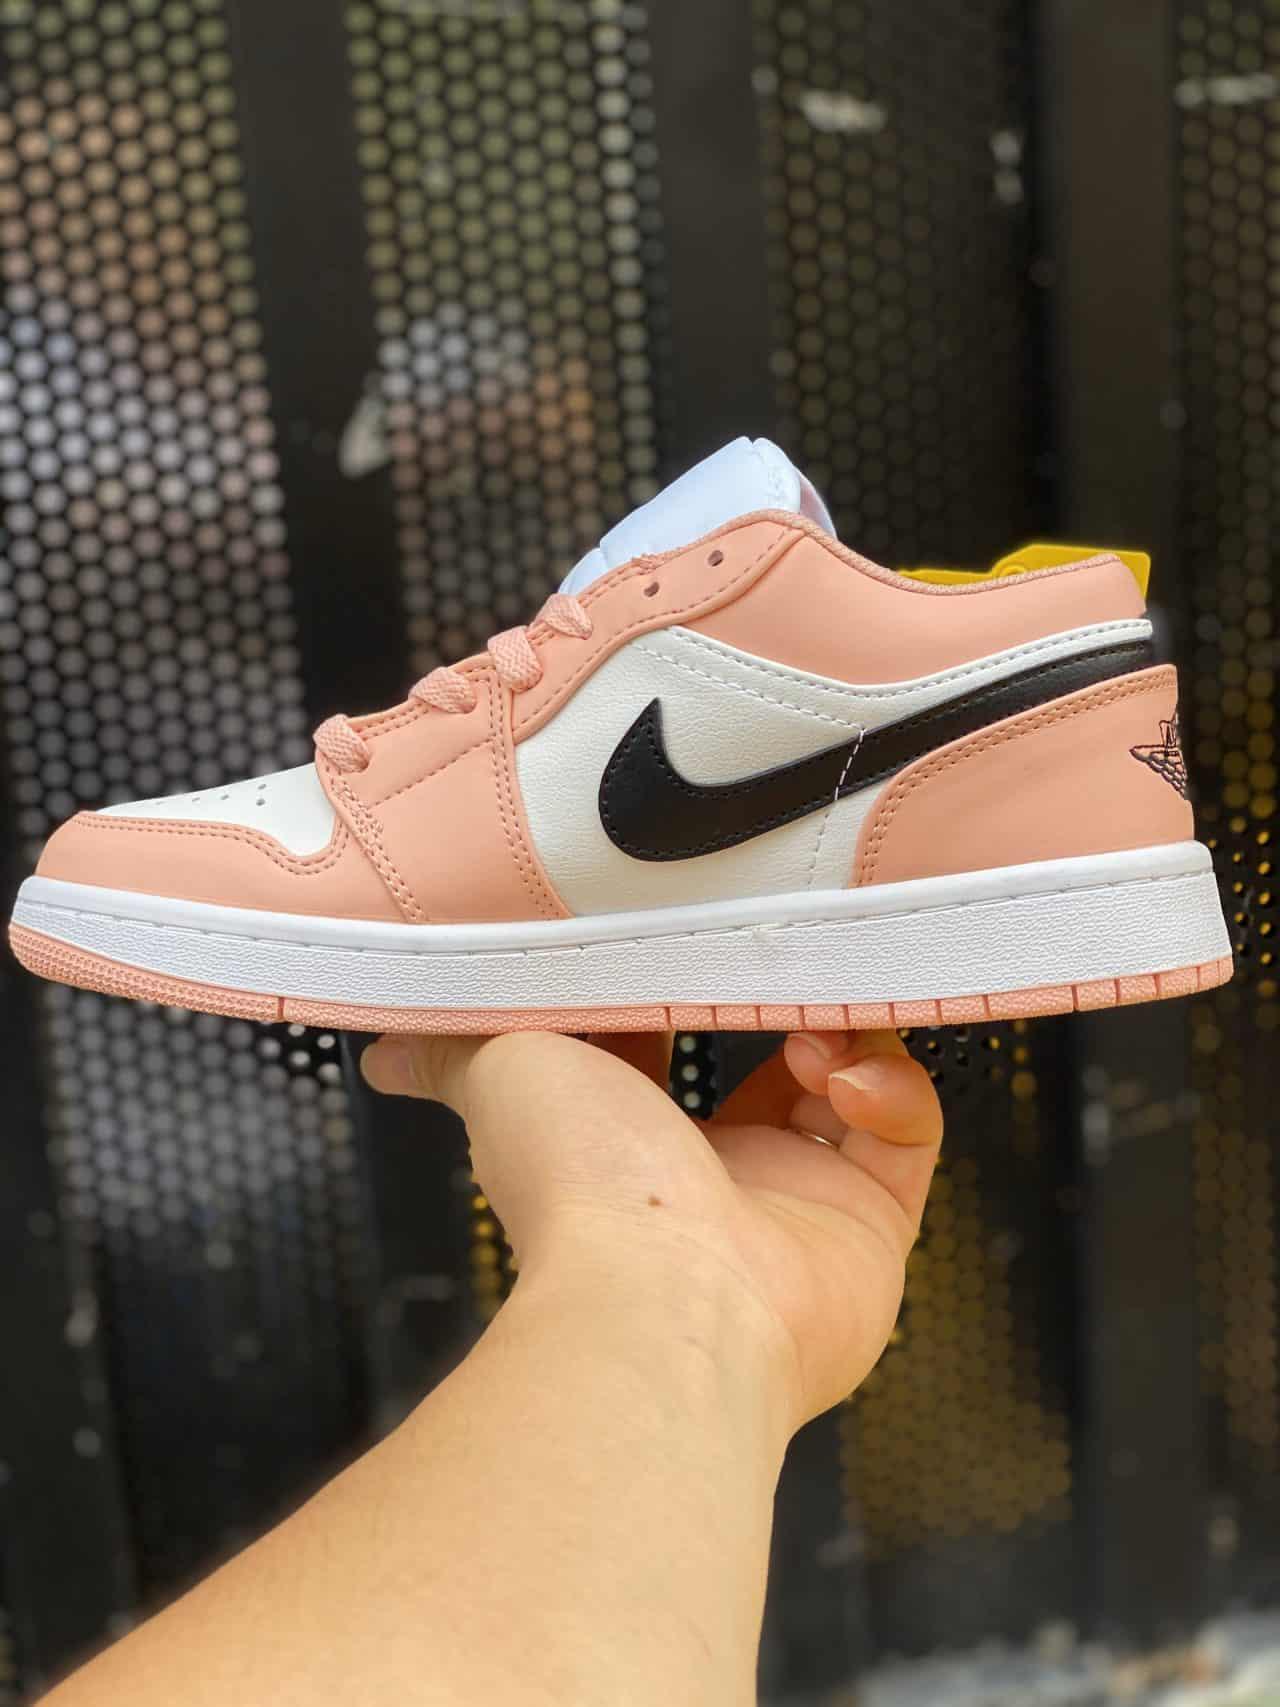 Mẫu giày Jordan 1 Low Hồng rep 1:1 có tông màu chủ đạo tươi sáng, đậm chất nữ tính